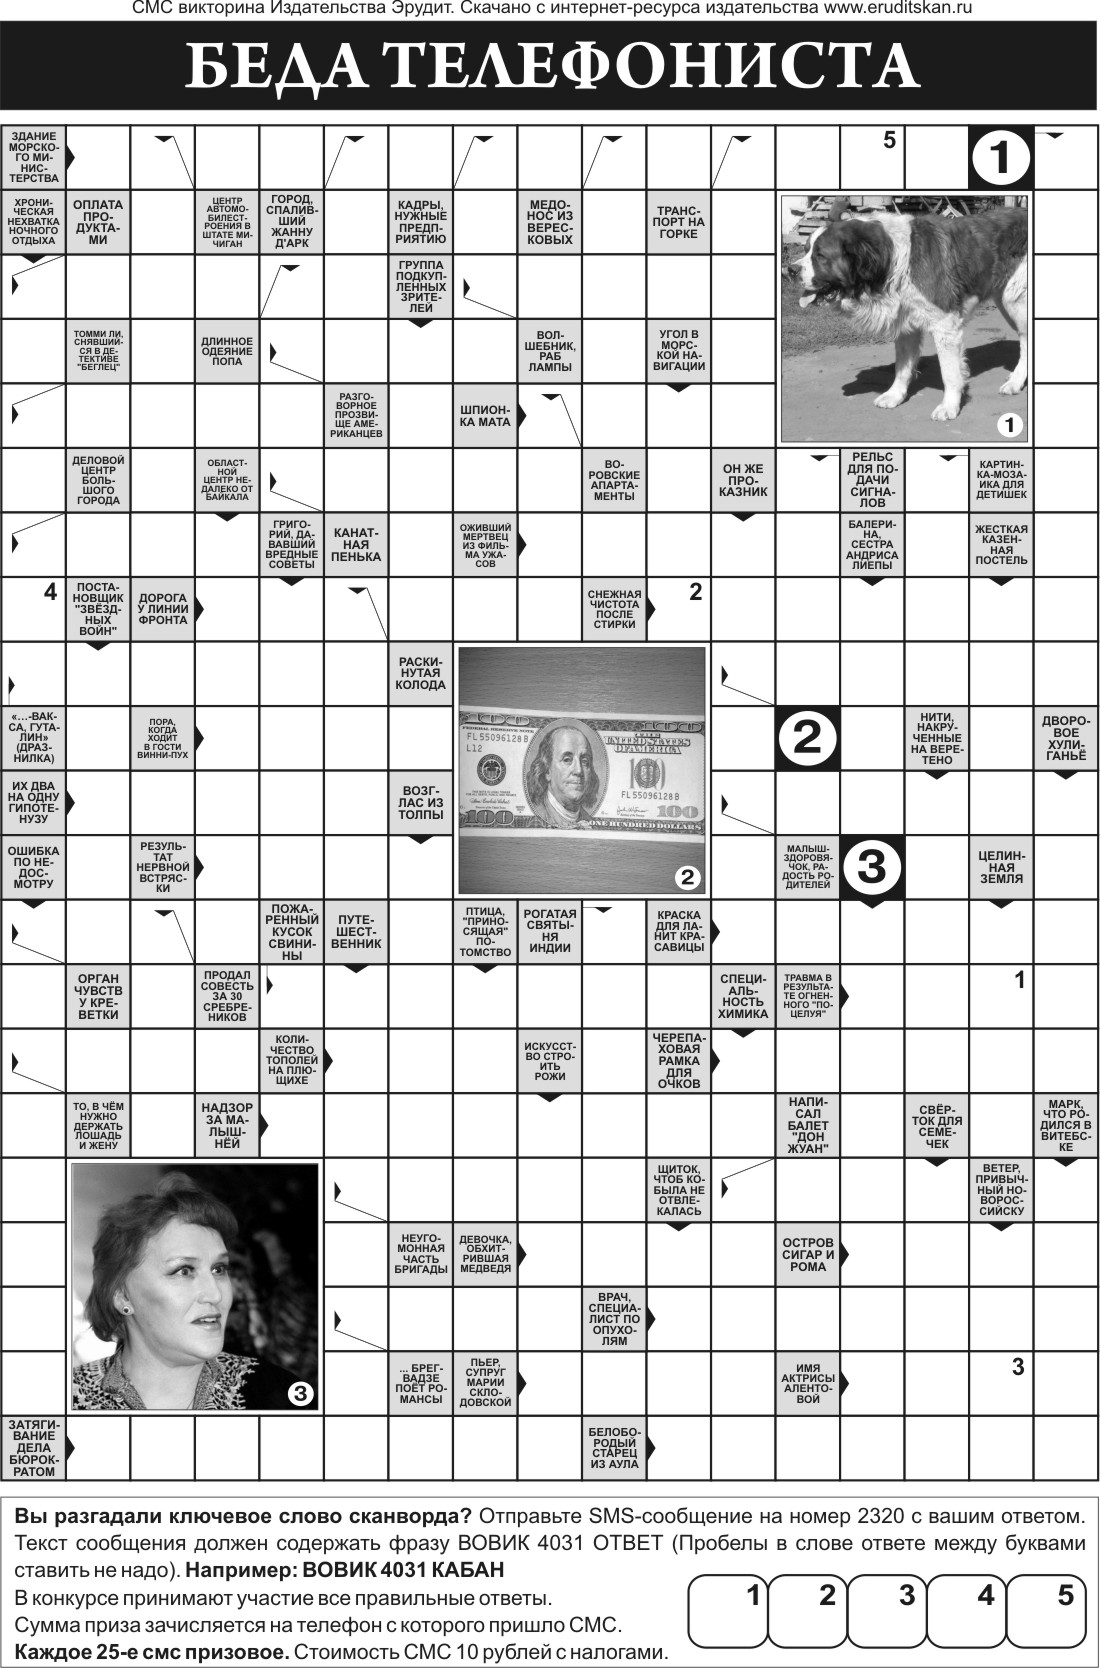 Сканворды для печати pdf скачать